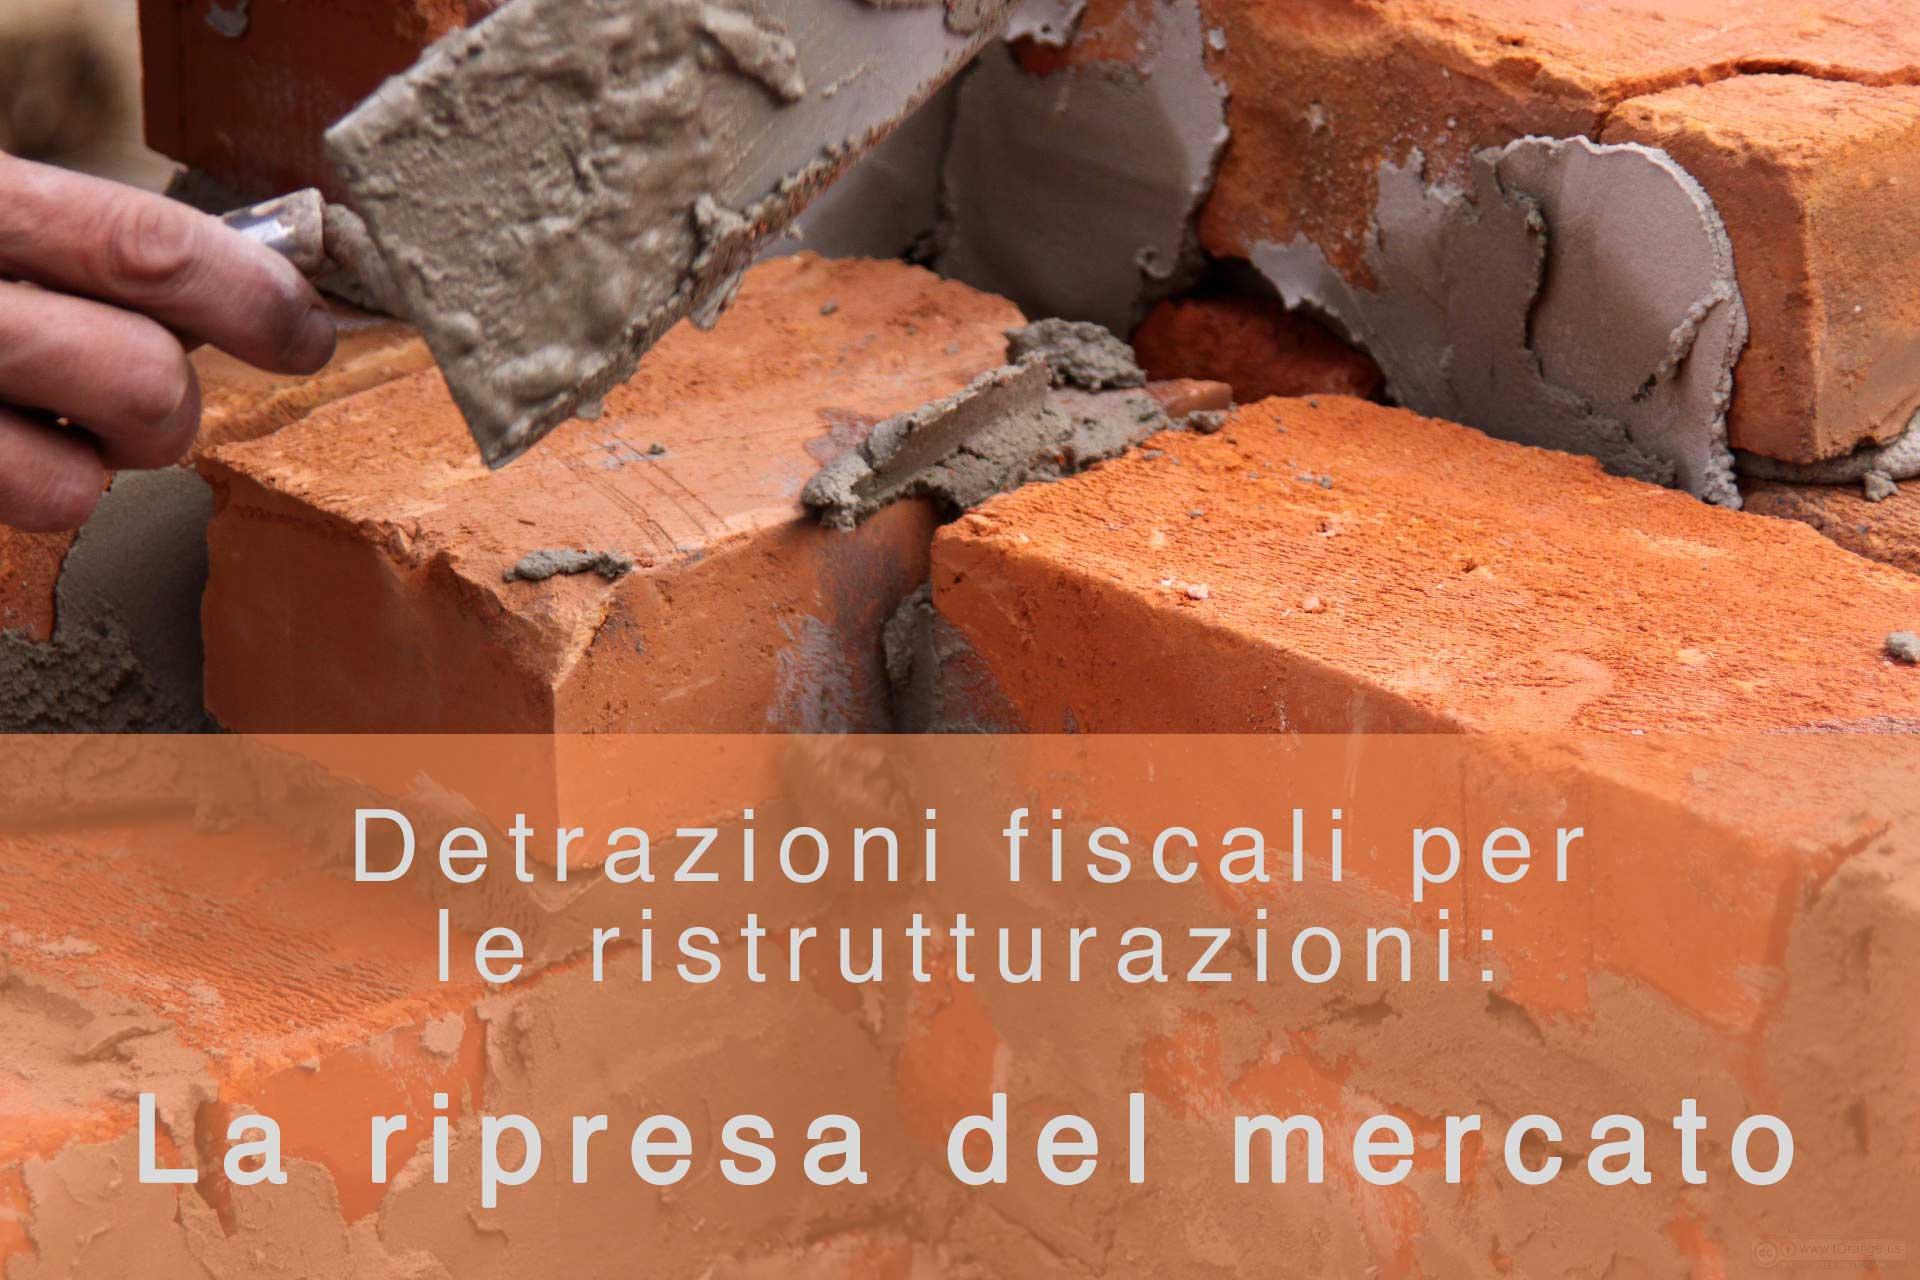 Agevolazioni fiscali per le ristrutturazioni edilizie